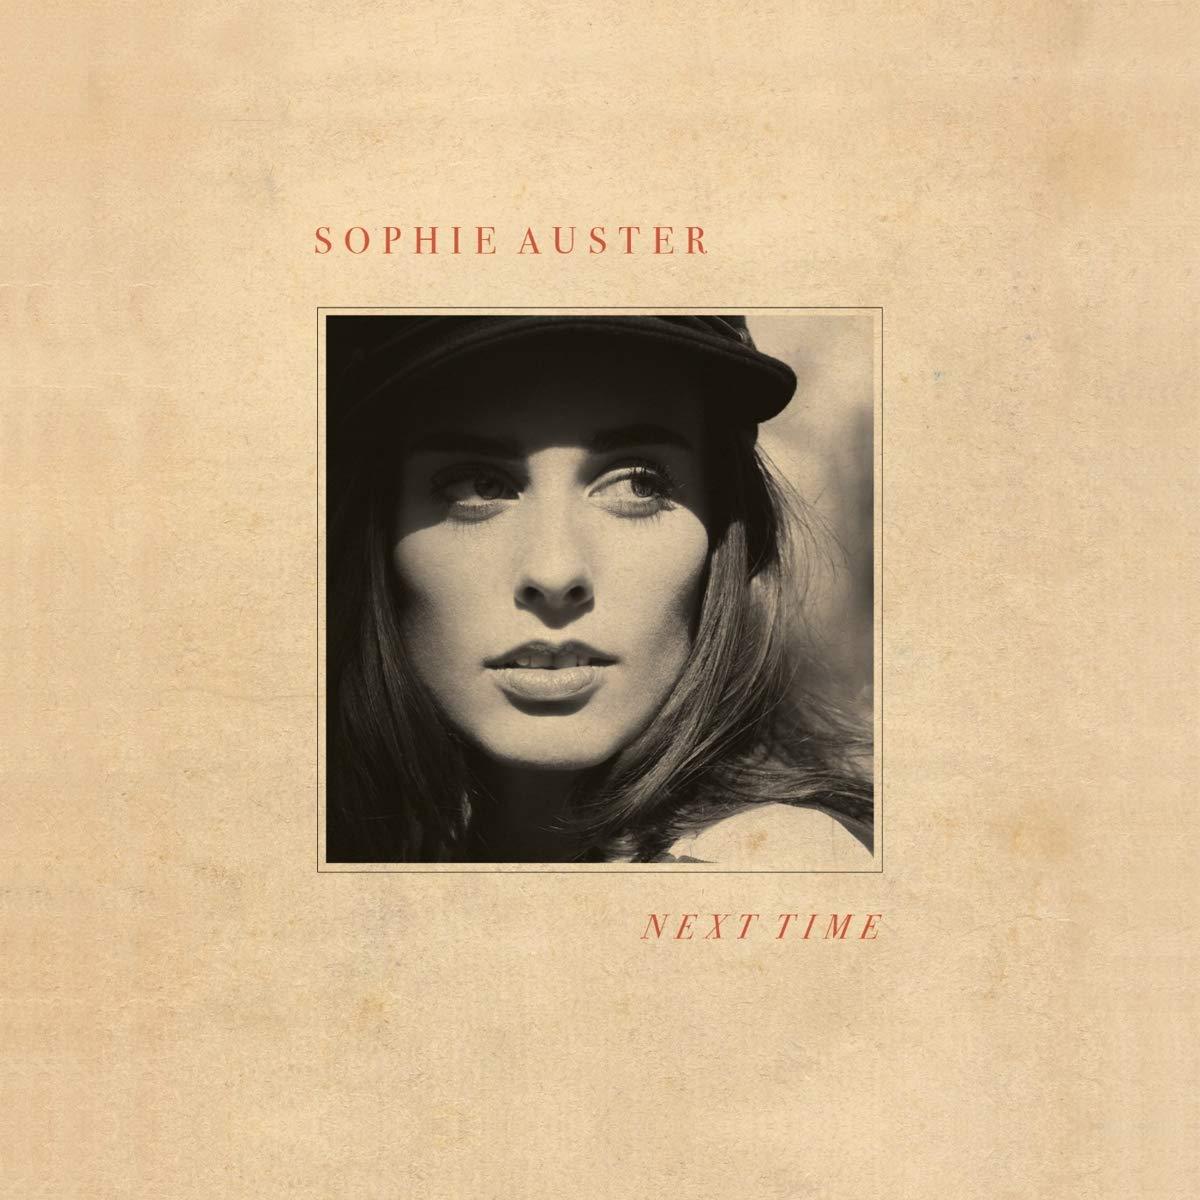 Vinilo : Sophie Auster - Next Time (LP Vinyl)